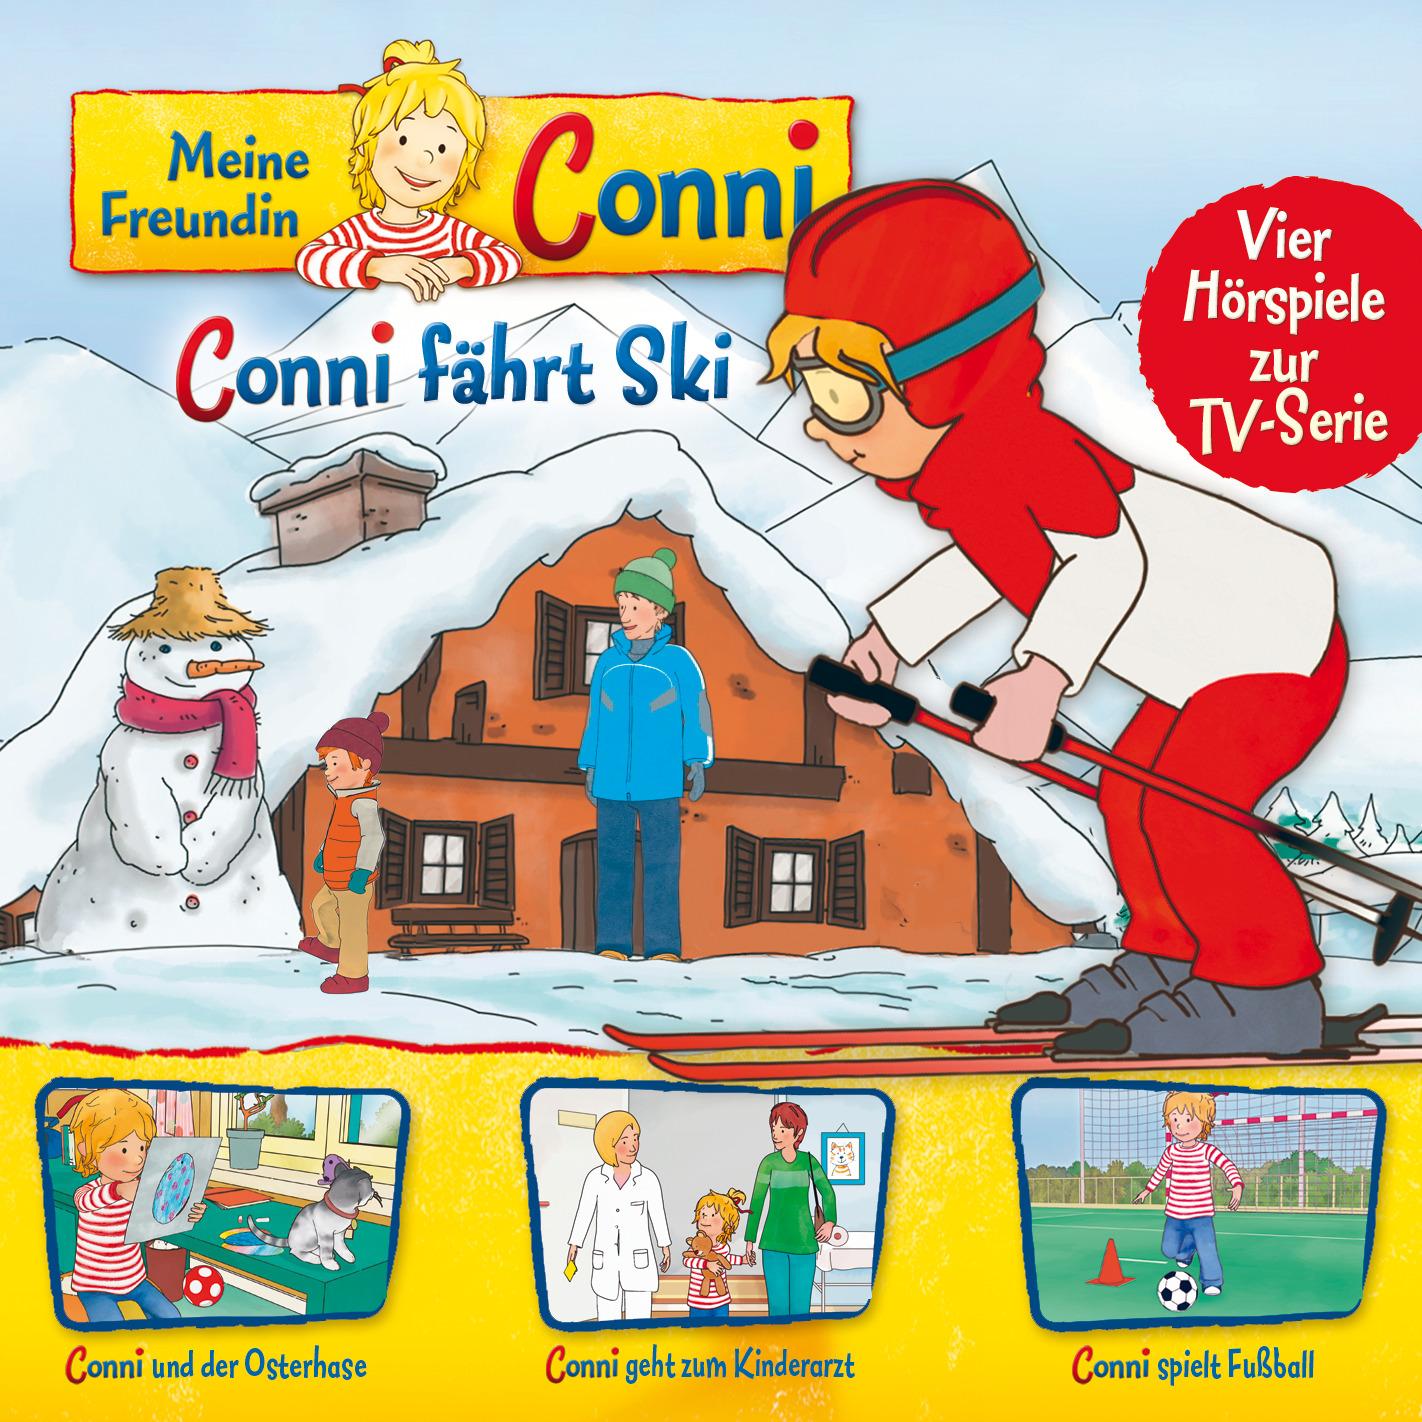 05 Conni Fahrt Ski Conni Und Der Osterhase Conni Geht